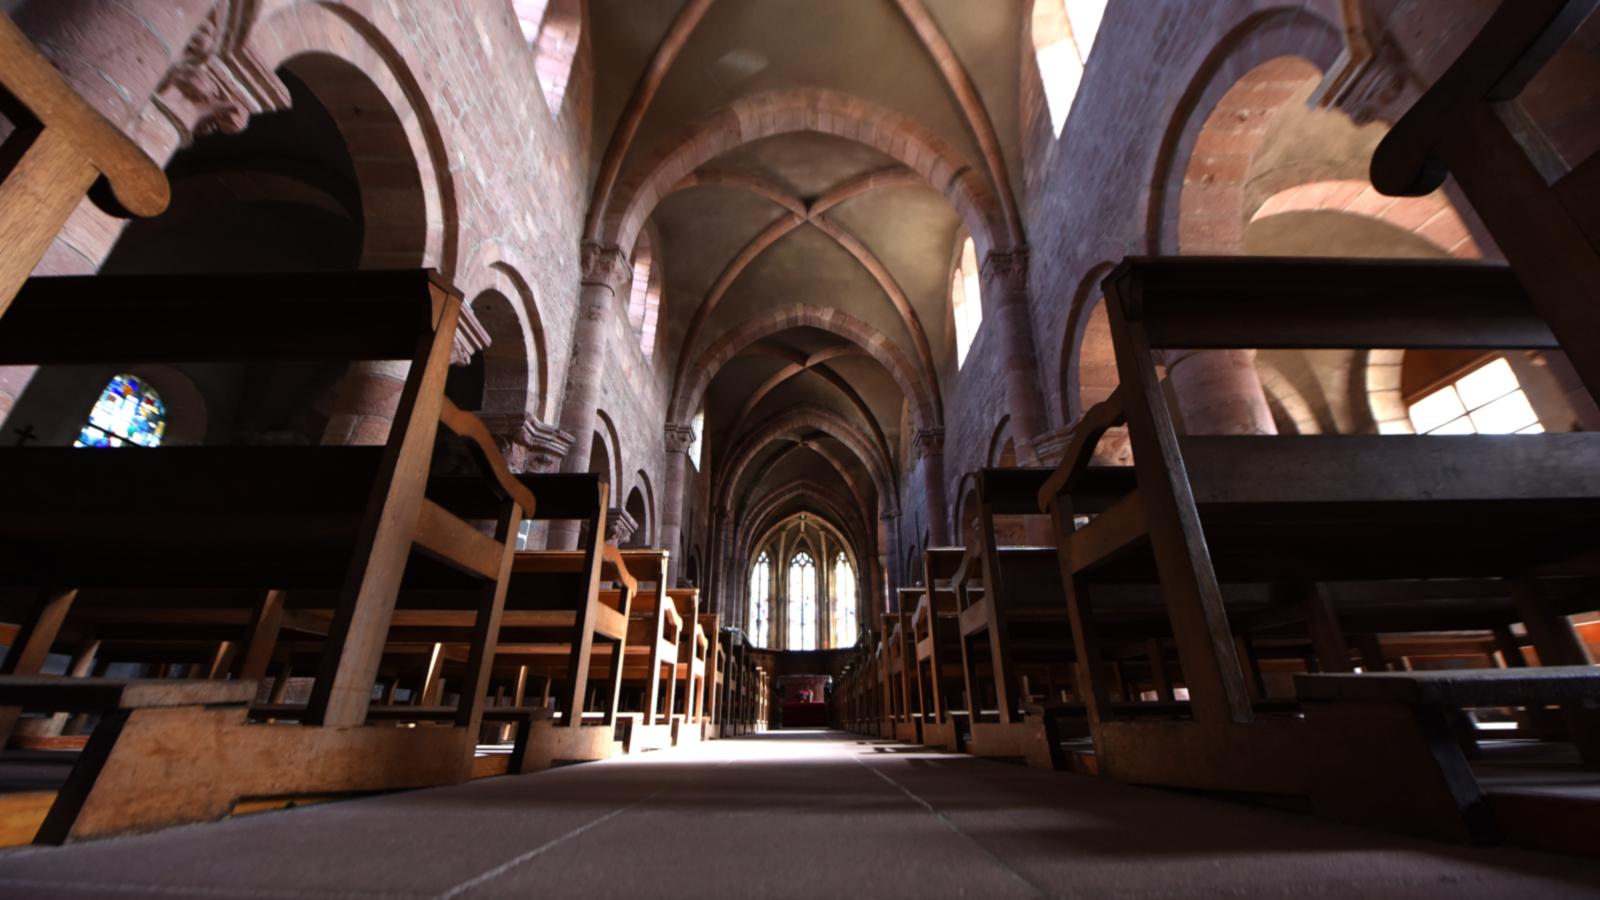 Les visiteurs découvriront : chapiteau romans, chœur gothique, stalles du XVIIIe s., jardin sur le cloitre et fortifications.